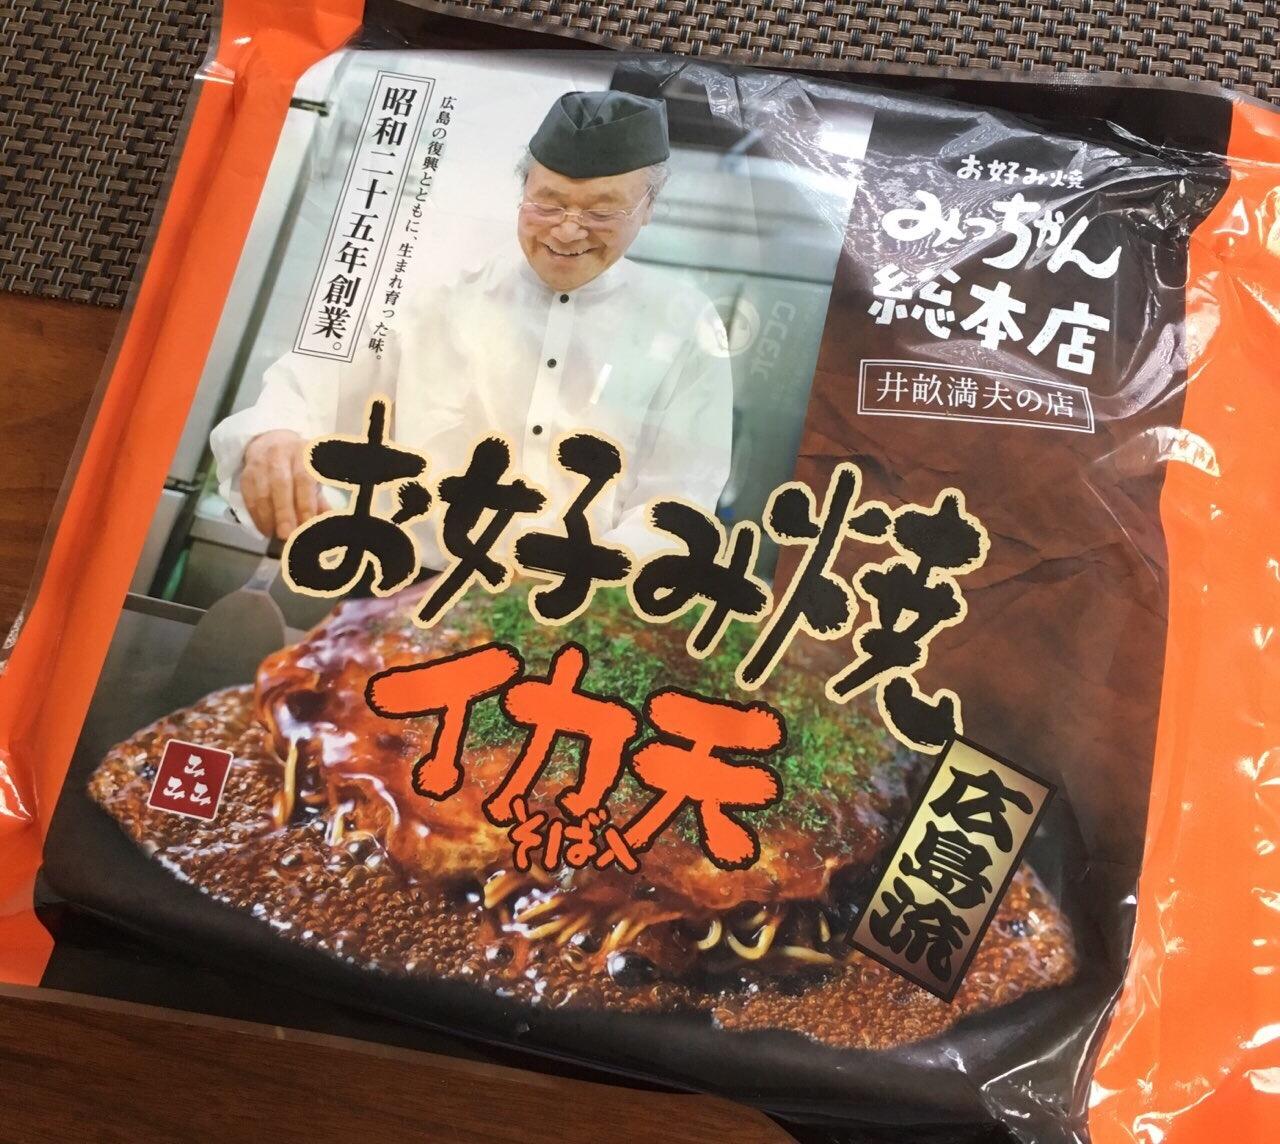 【お土産】広島風お好み焼き「みっちゃん総本店」の冷凍食品が美味しい!